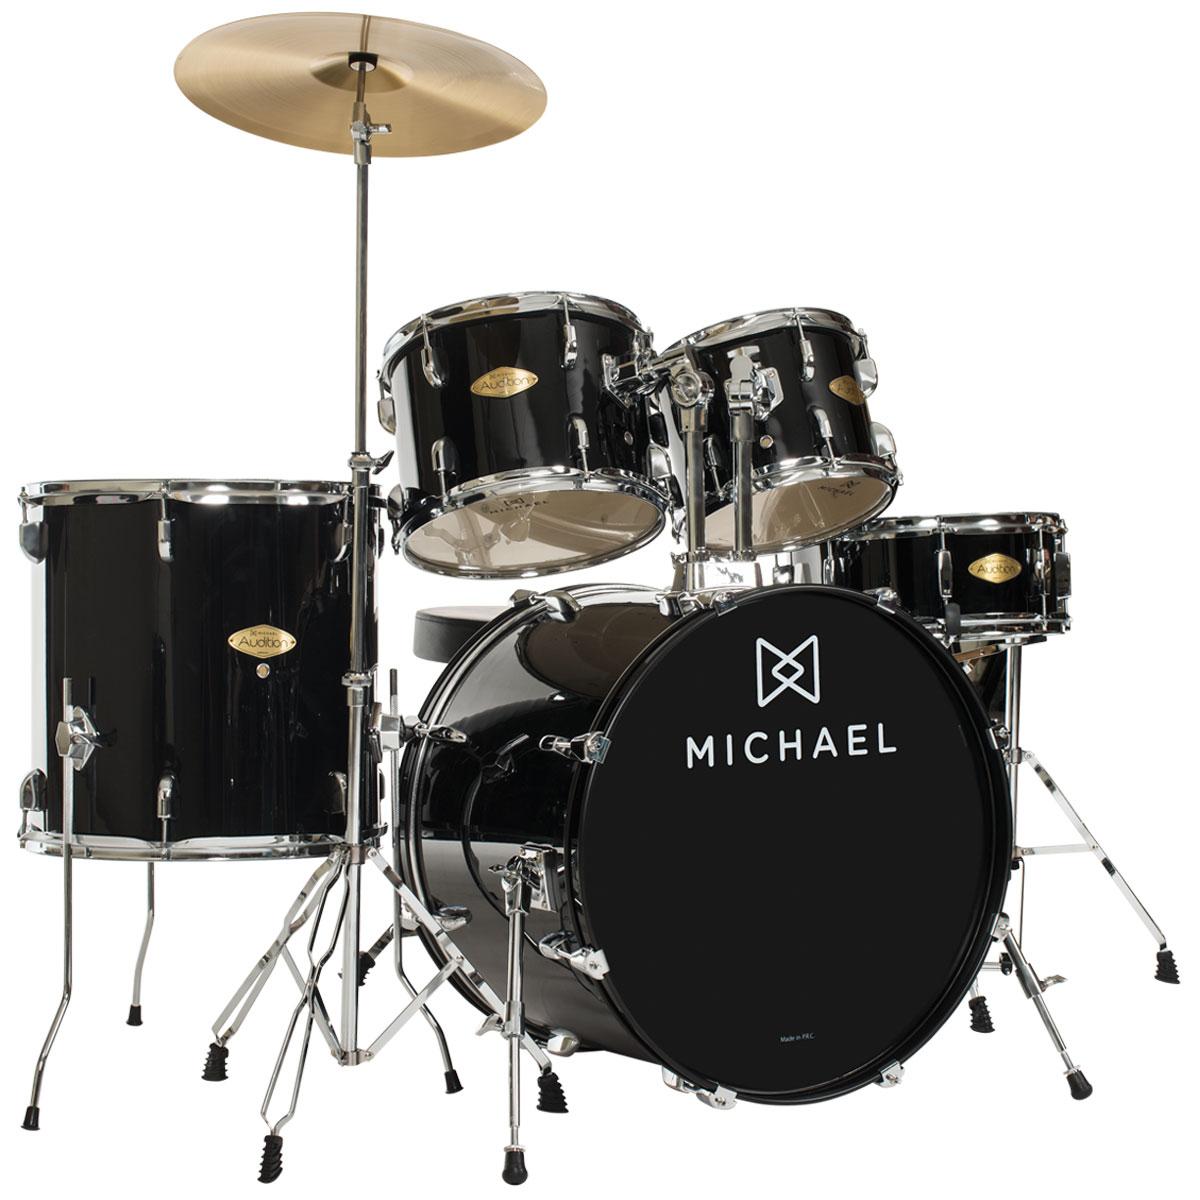 Bateria Acústica Bumbo 20 Polegadas Audition DM827 BK Preta - Michael